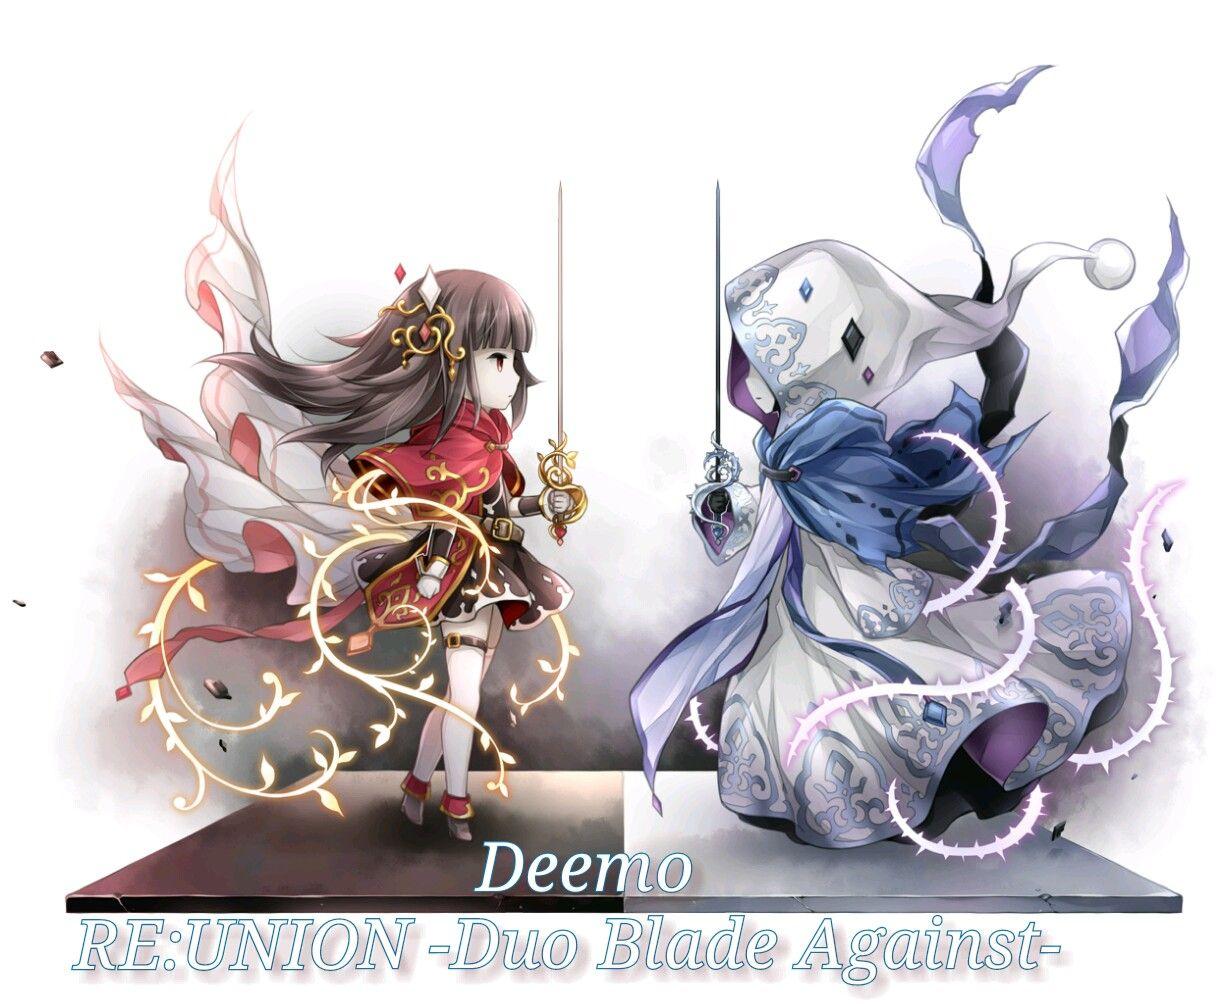 Pin de spring en Deemo en 2019 Arte de anime, Dibujos y